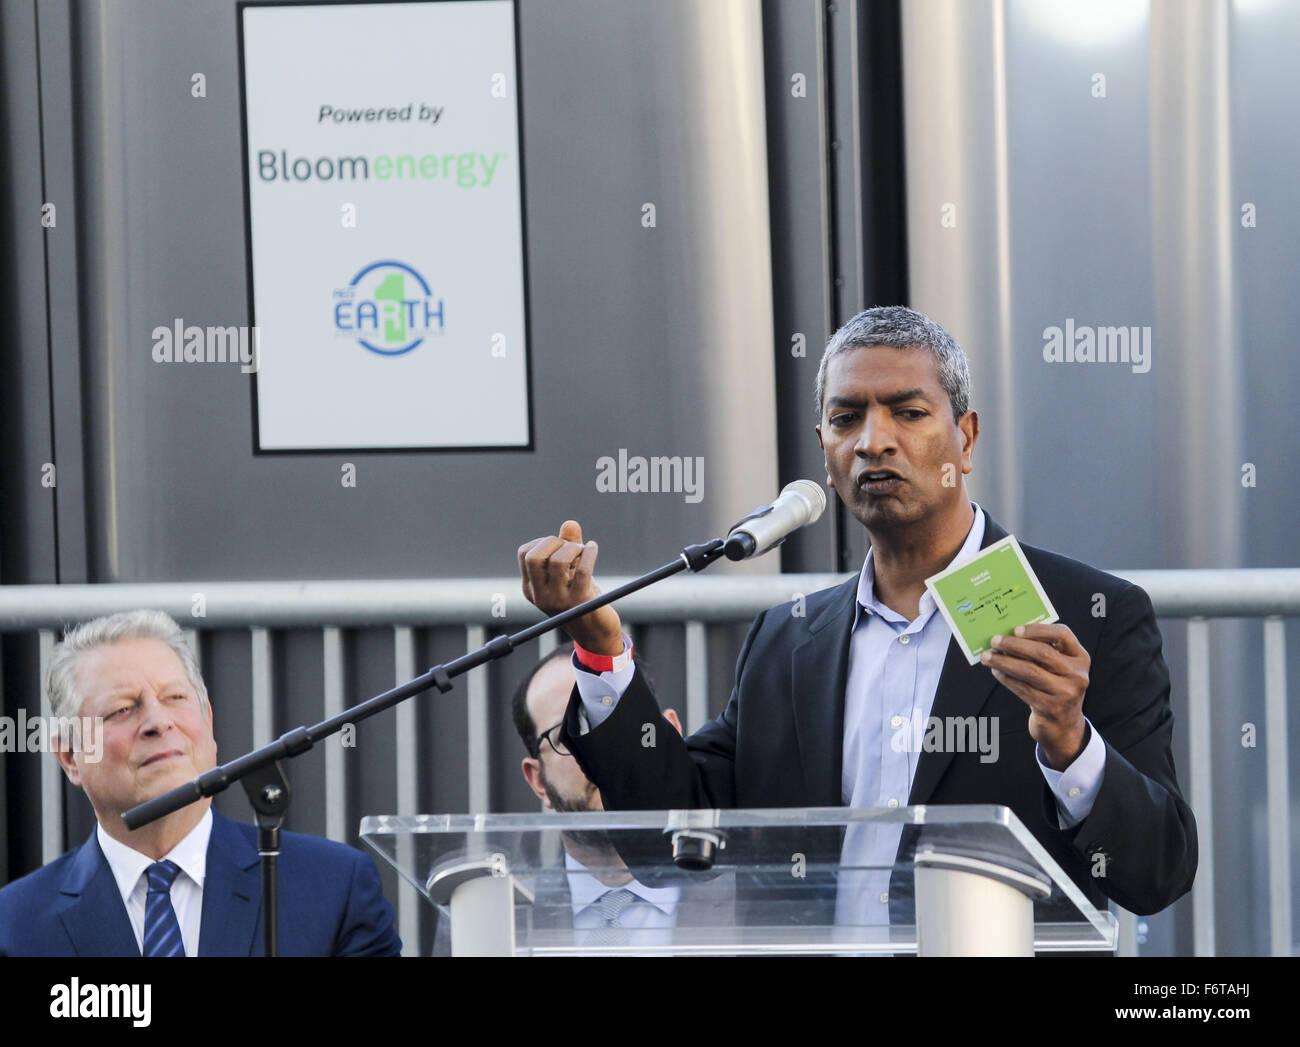 Los Angeles, Californie, USA. 19 Nov, 2015. Bloom Energy KR Sridhar parle au cours d'une cérémonie Photo Stock